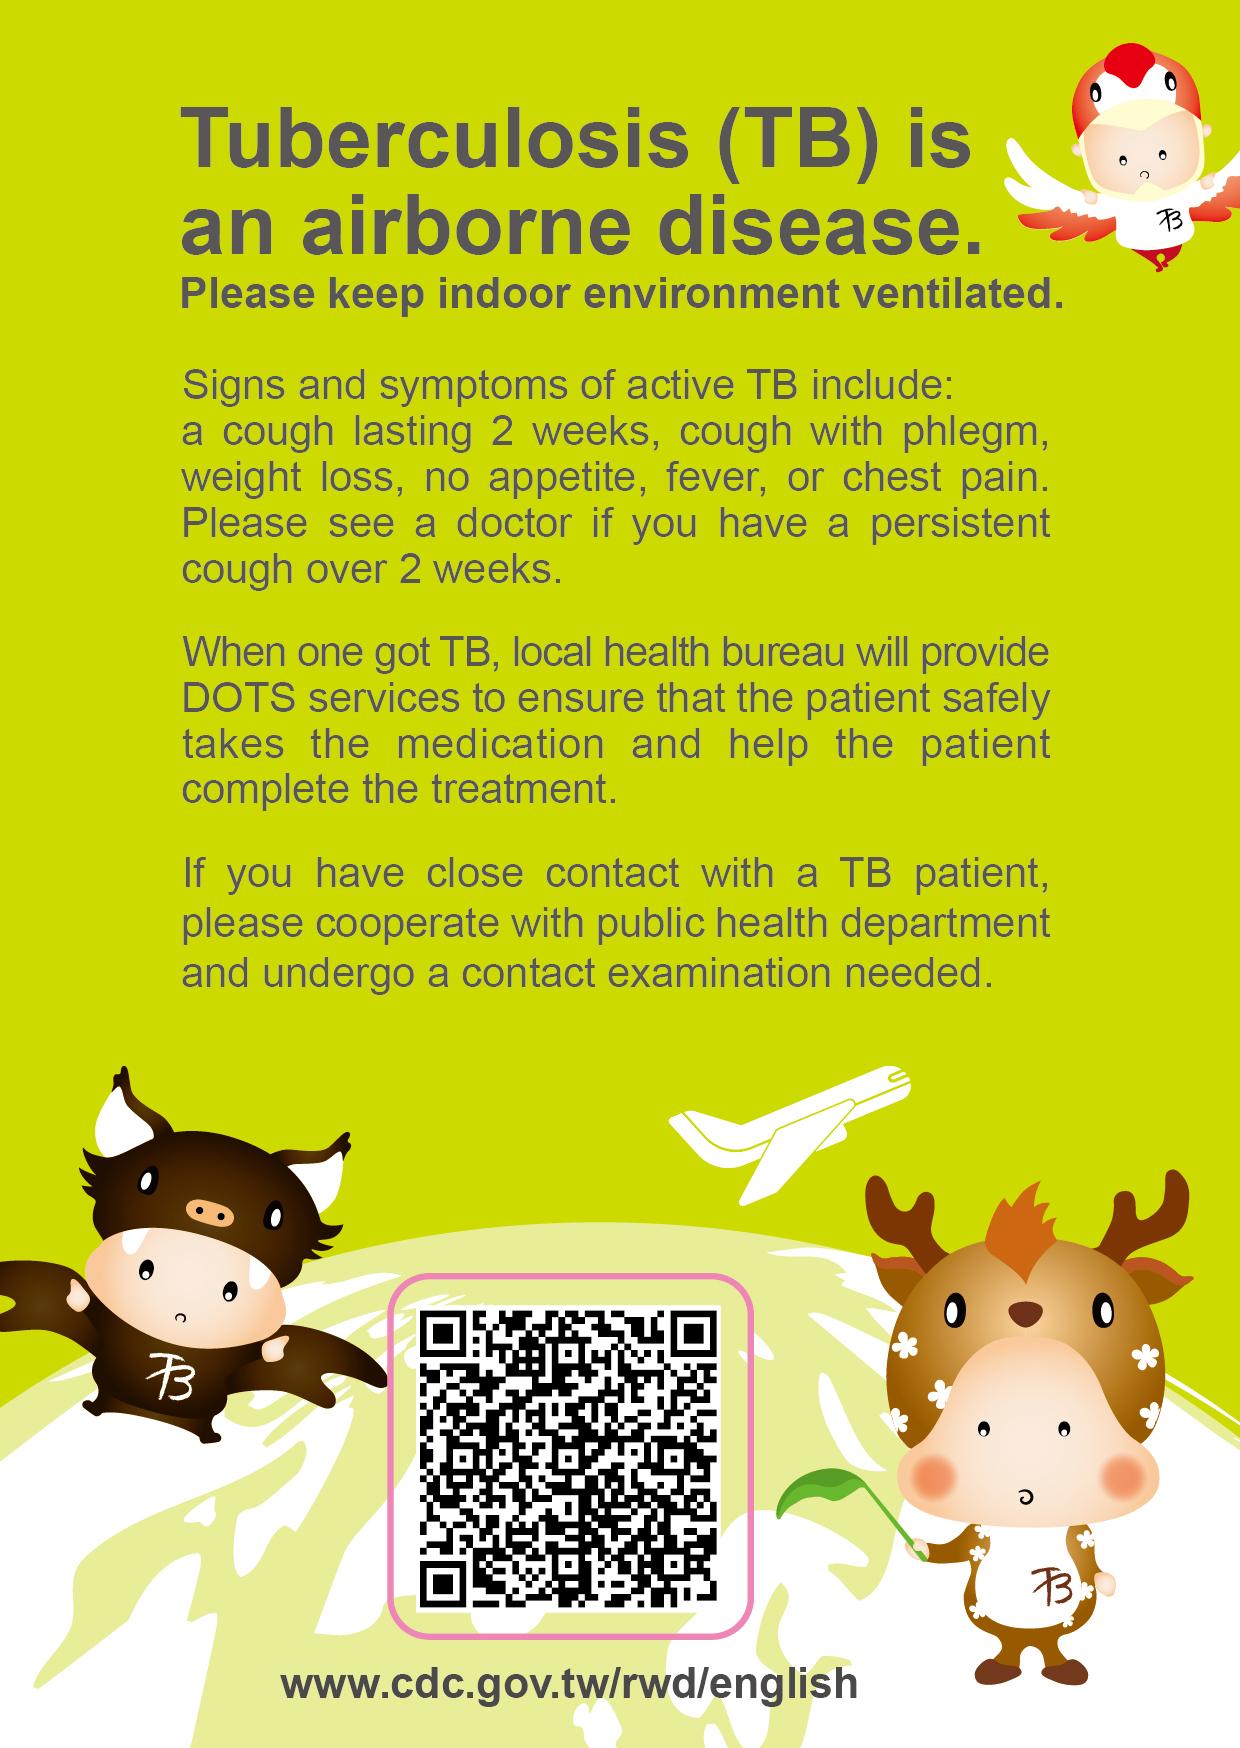 詳如附件【click me】Tuberculosis (TB) is an airborne disease(Page 2)結核病透過空氣傳染,請保持室內環境通風(英文)